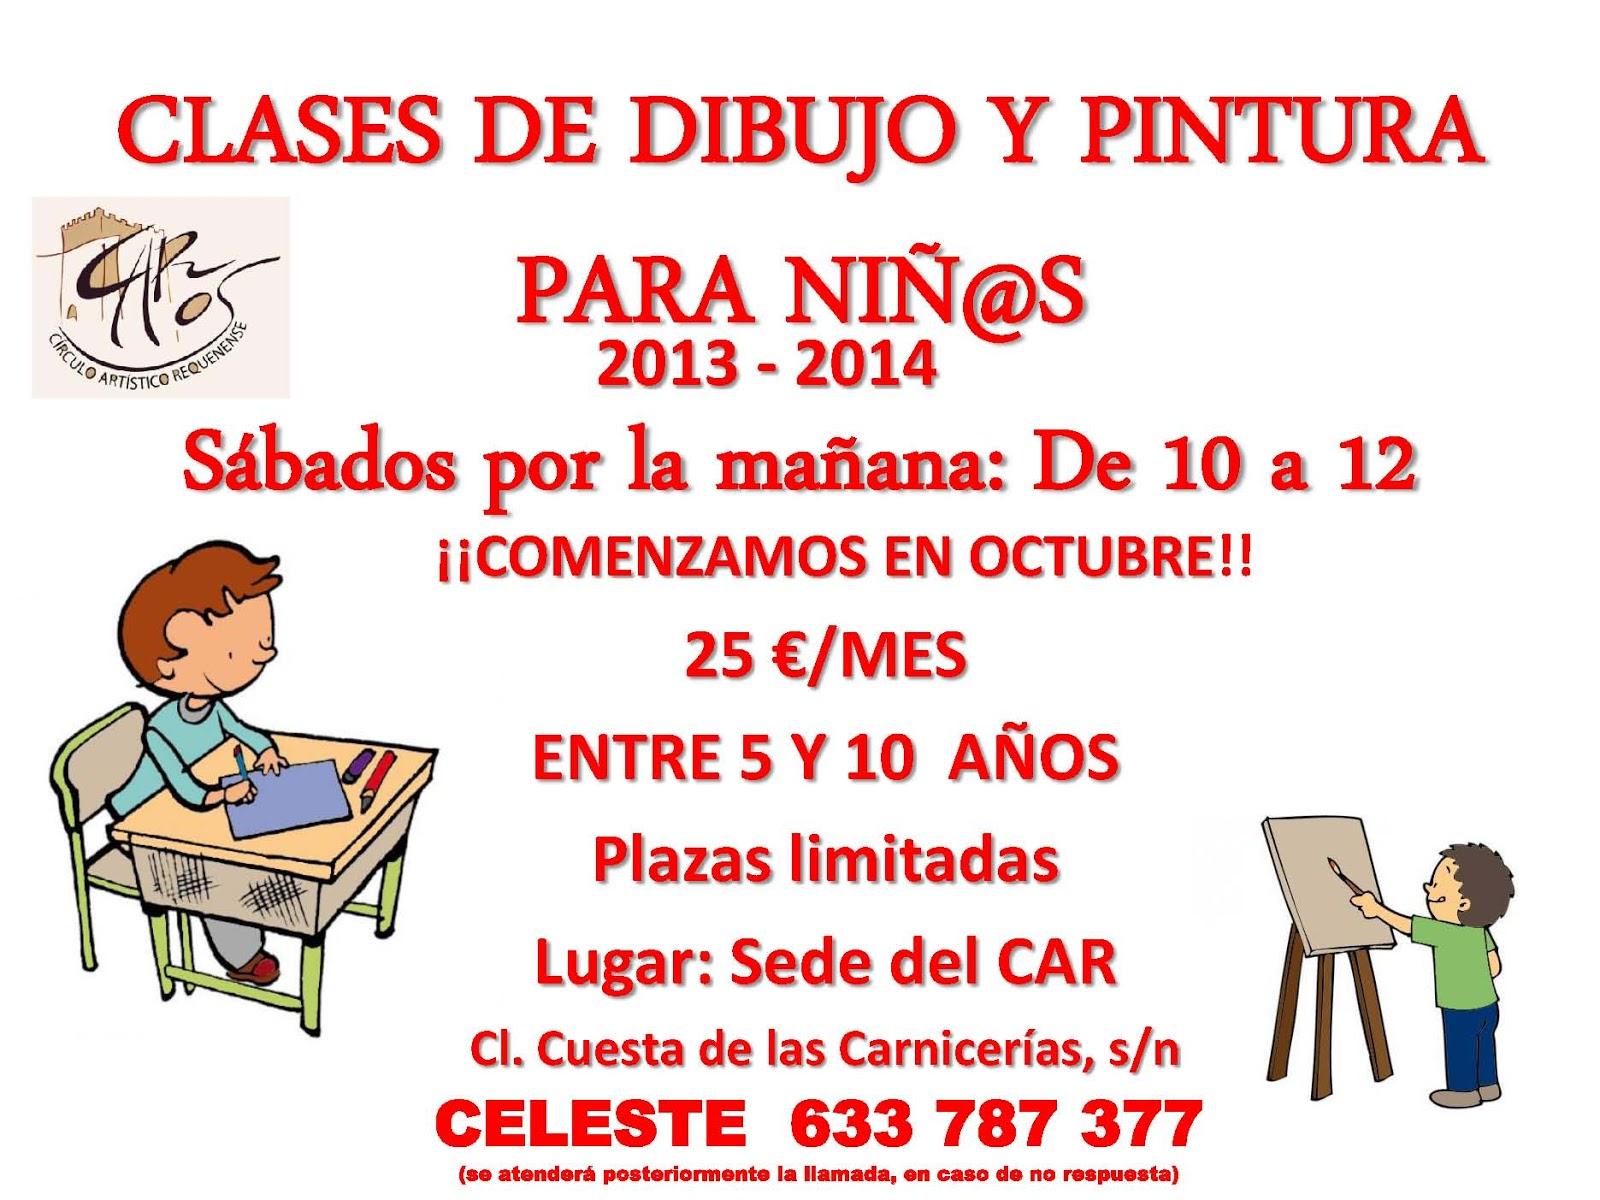 C rculo art stico requenense clases de dibujo y pintura for Clases de piscina para ninos